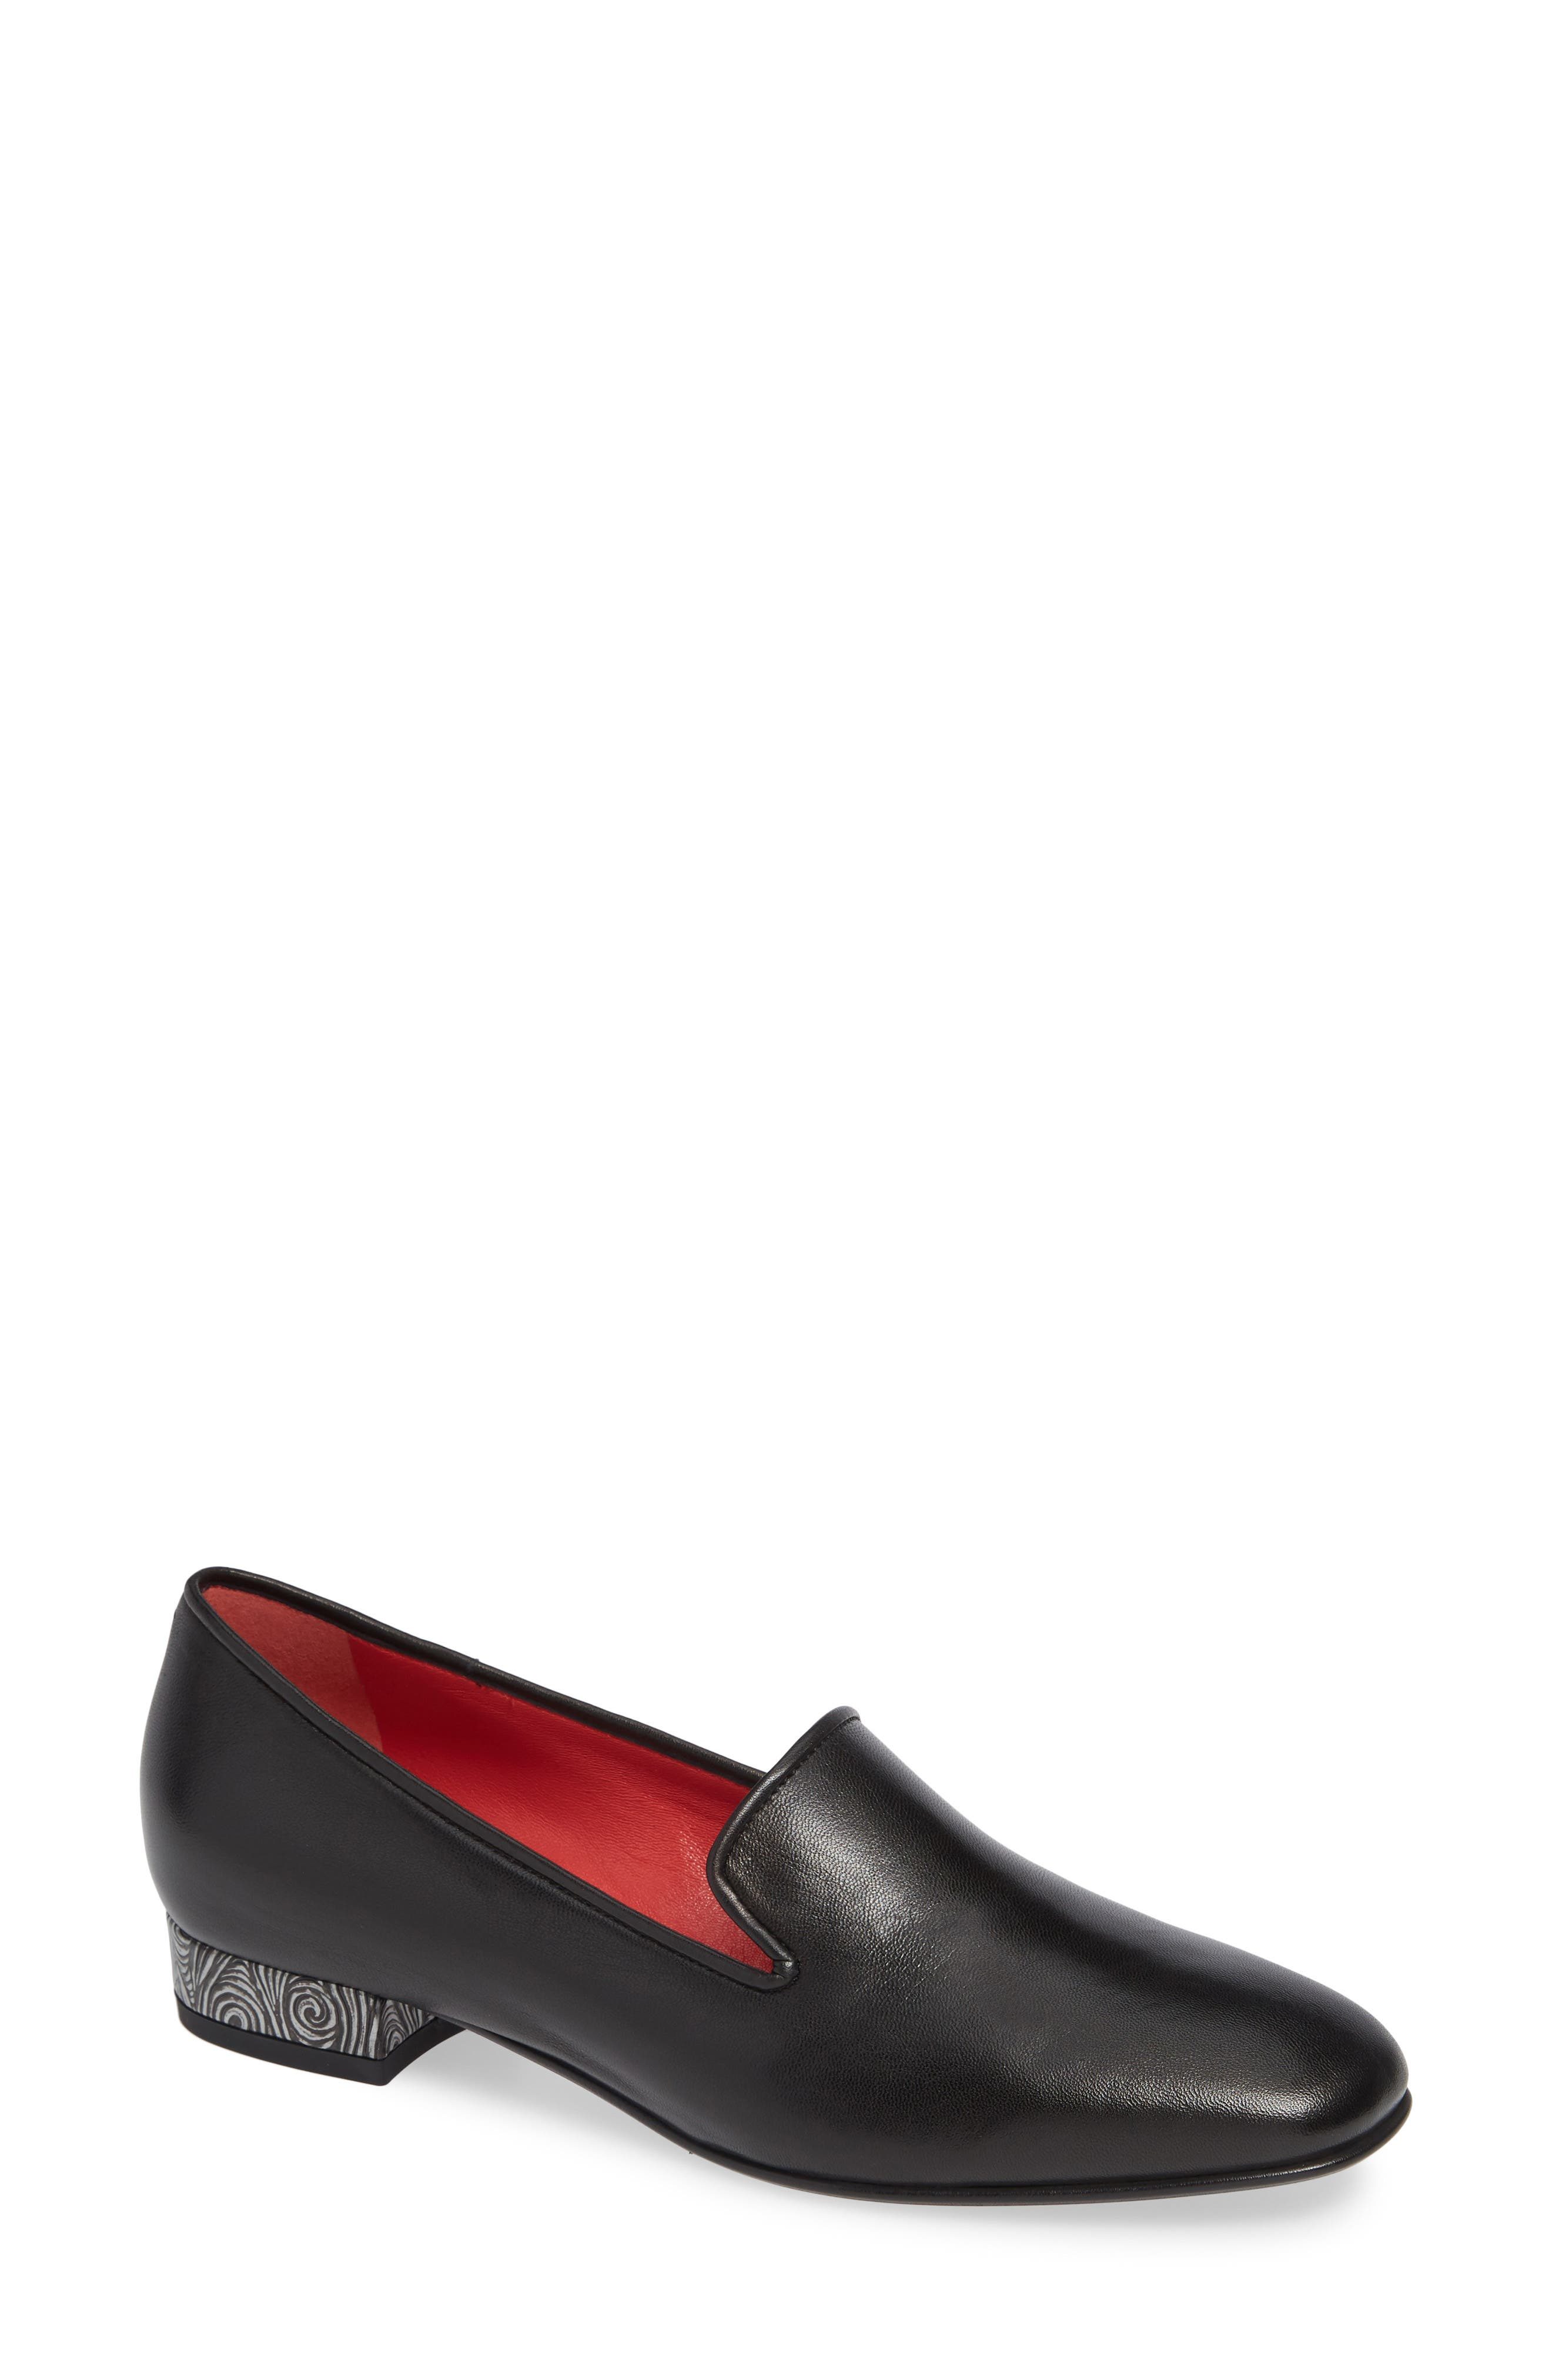 PAS DE ROUGE Joli Loafer, Main, color, BLACK LEATHER